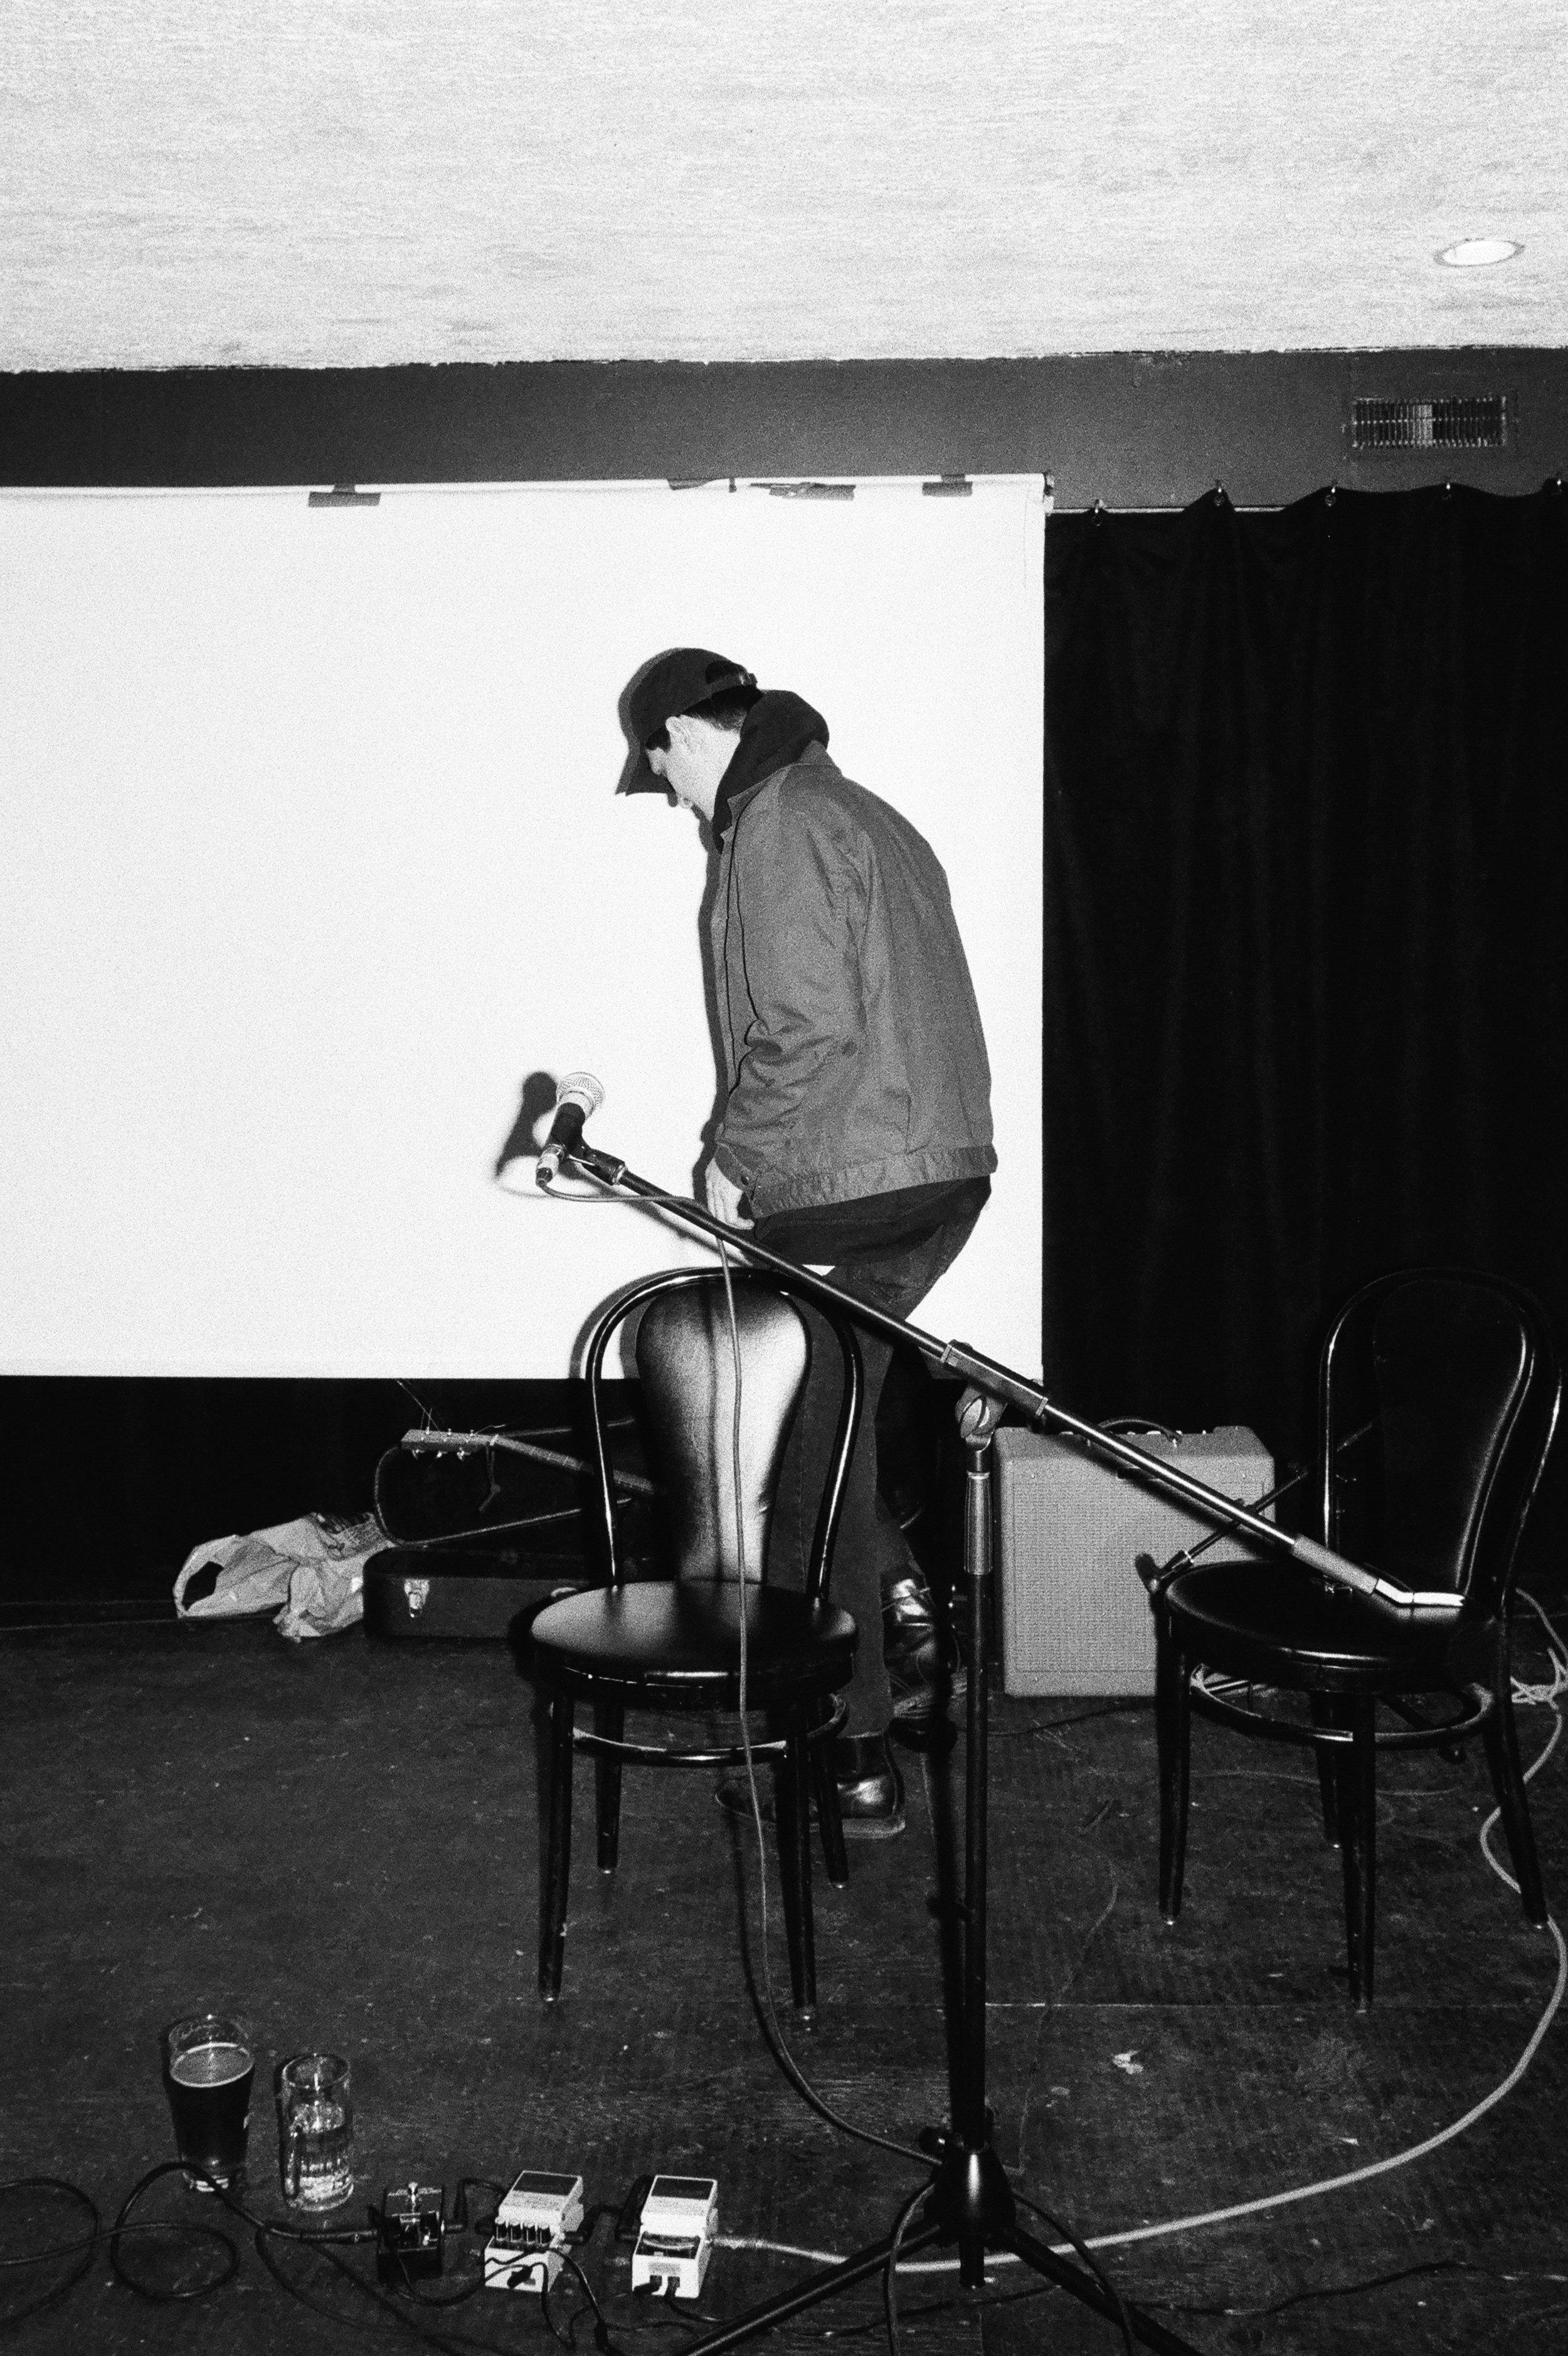 Leica-02-11.jpg